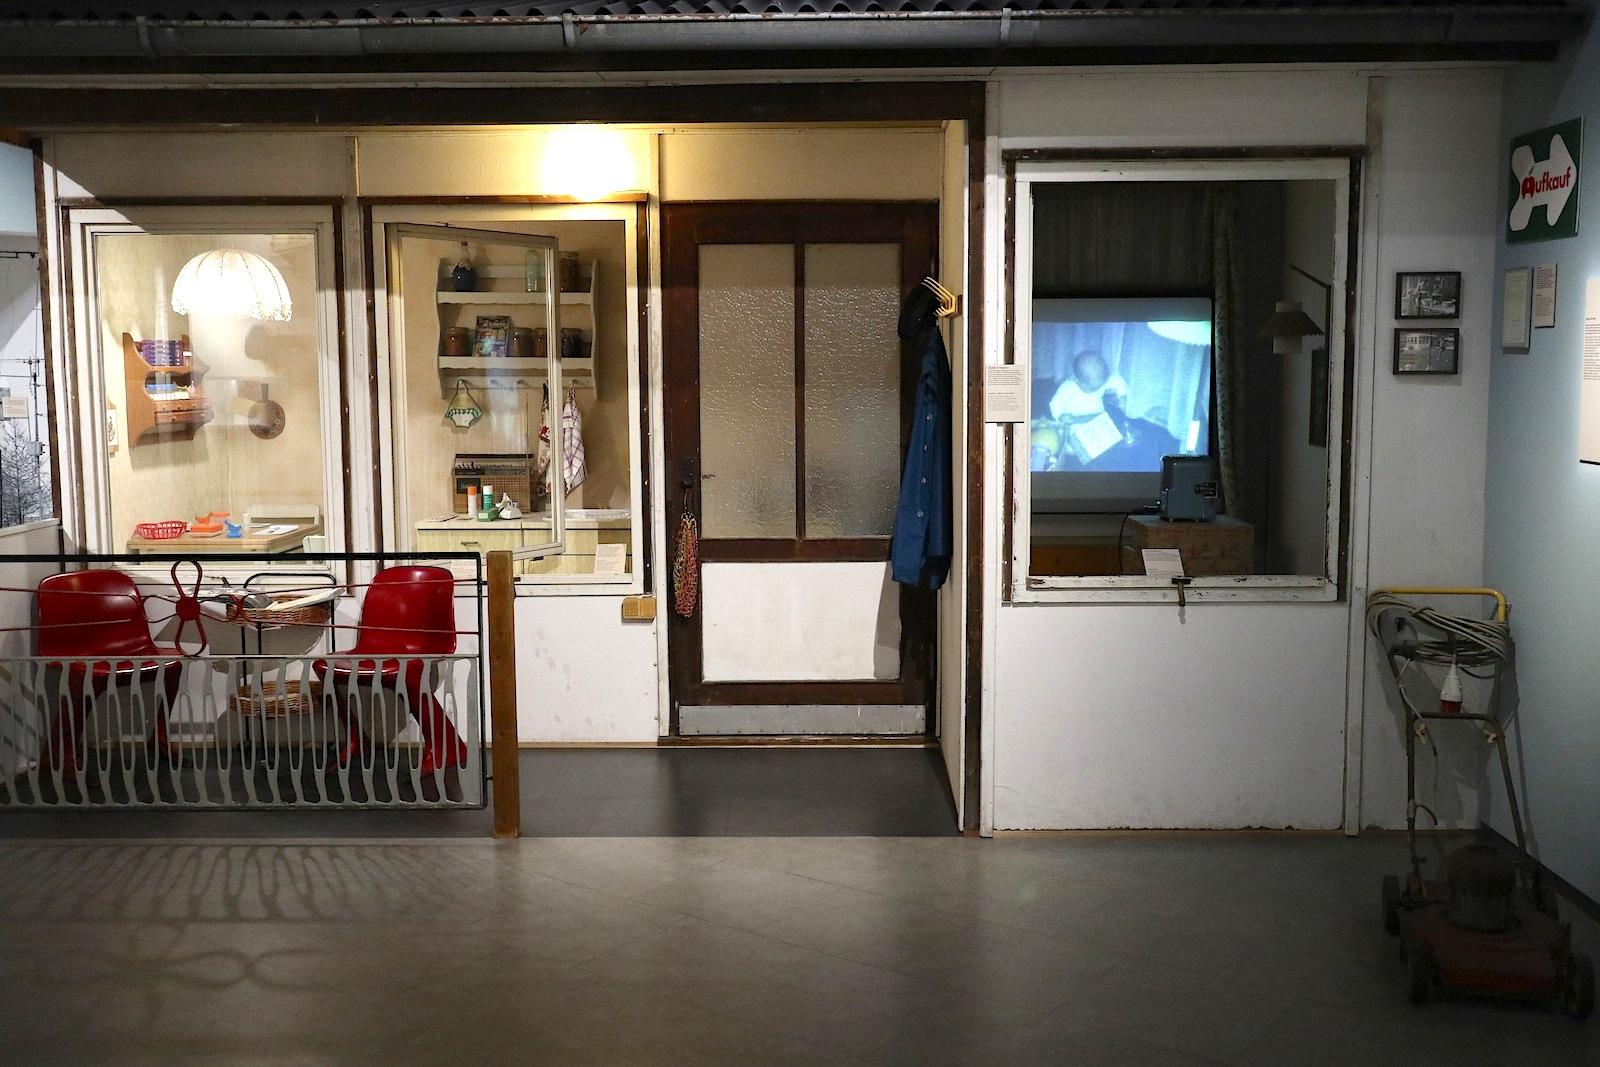 Museum in der Kulturbrauerei. Datsche mit Innengestaltung Marke Eigenbau